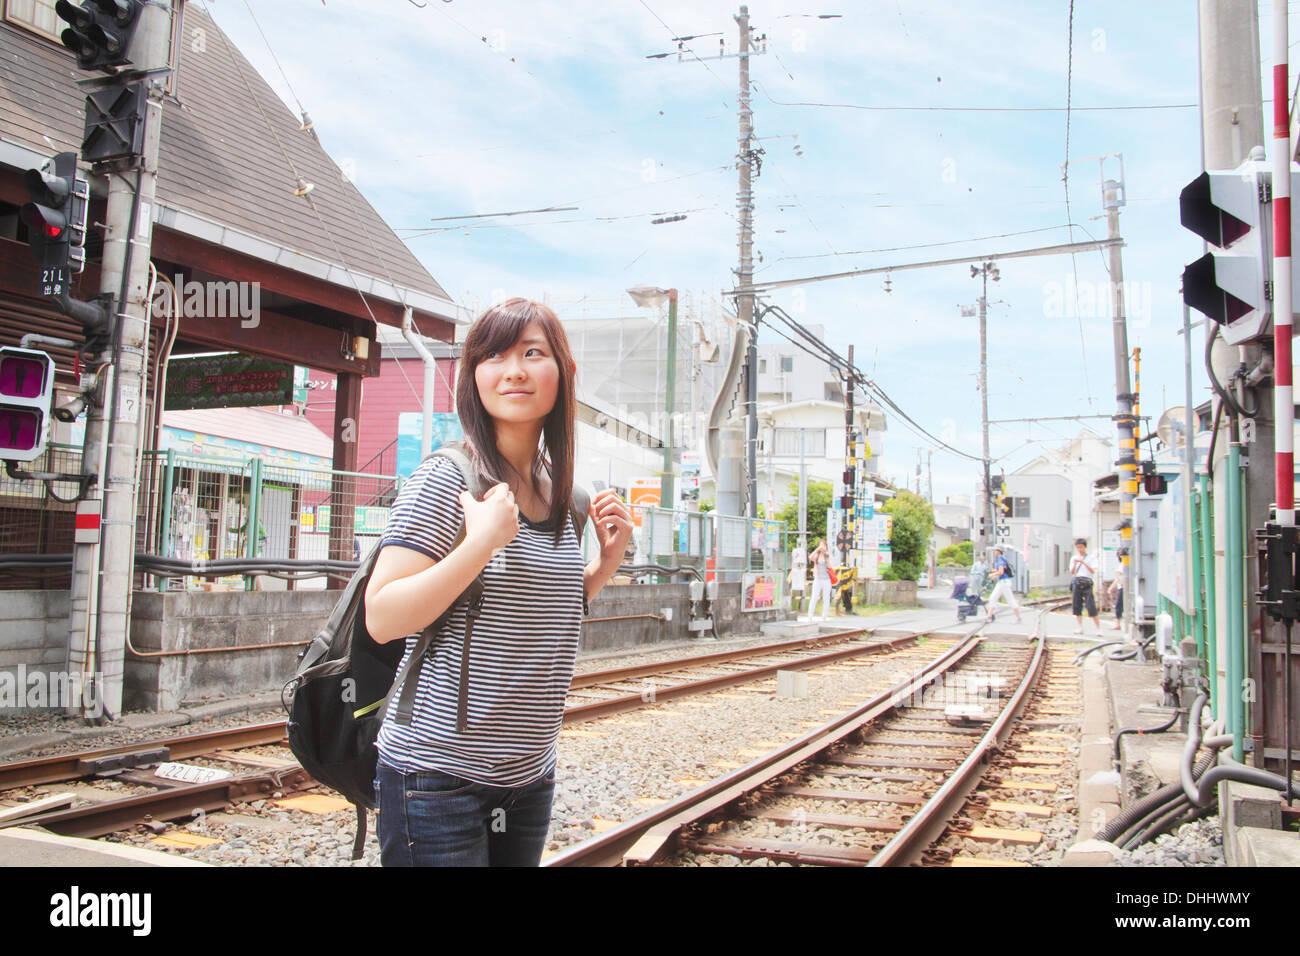 Junge Frau Überquerung Bahnübergang über Gleise Stockfoto